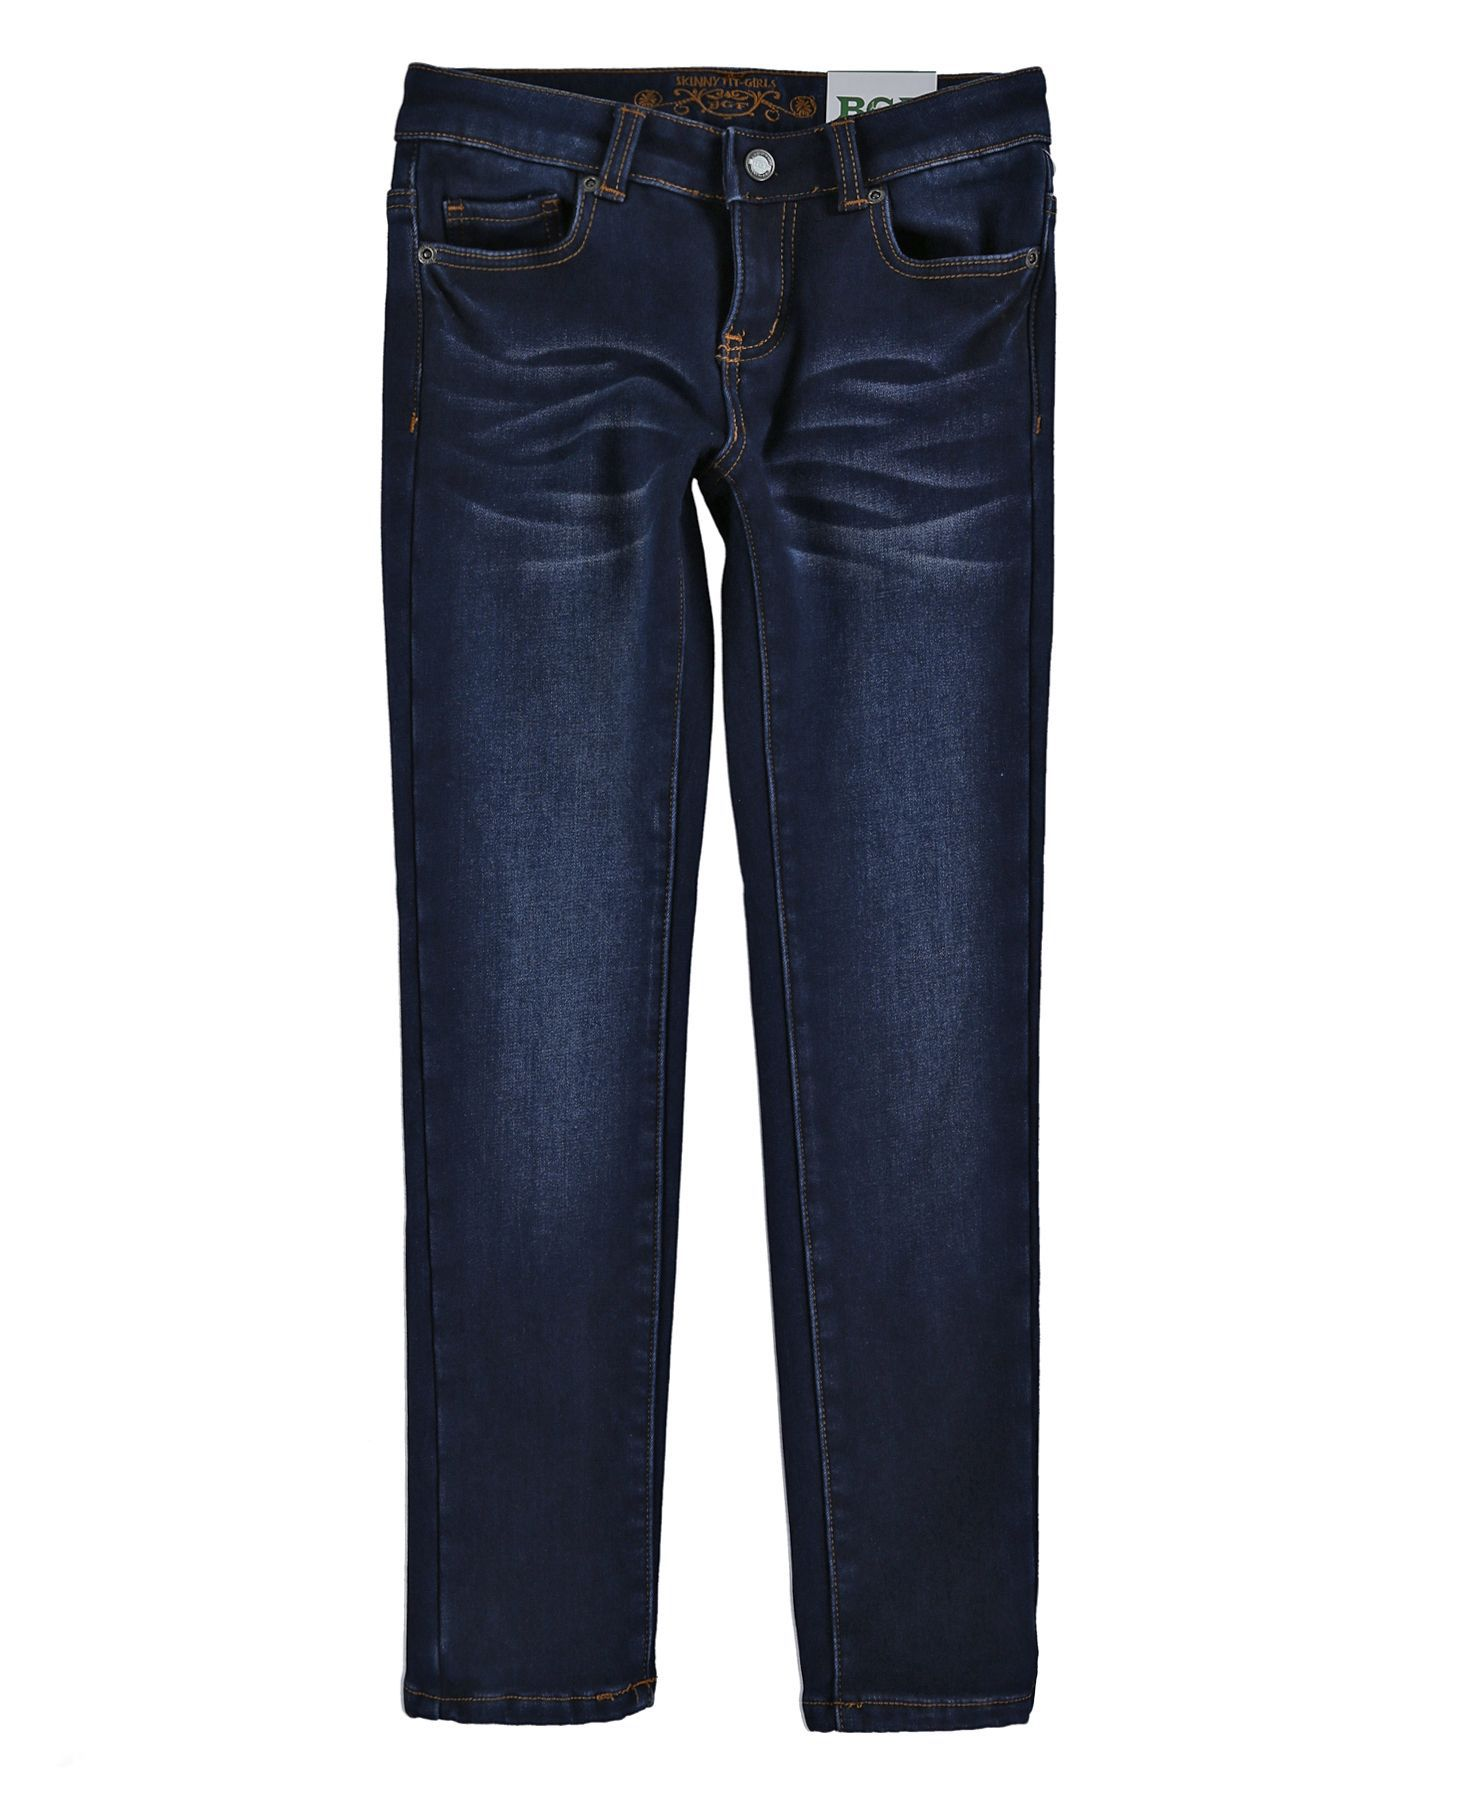 Утепленные водо- и грязеотталкивающие джинсы для девочки 410144/316/275